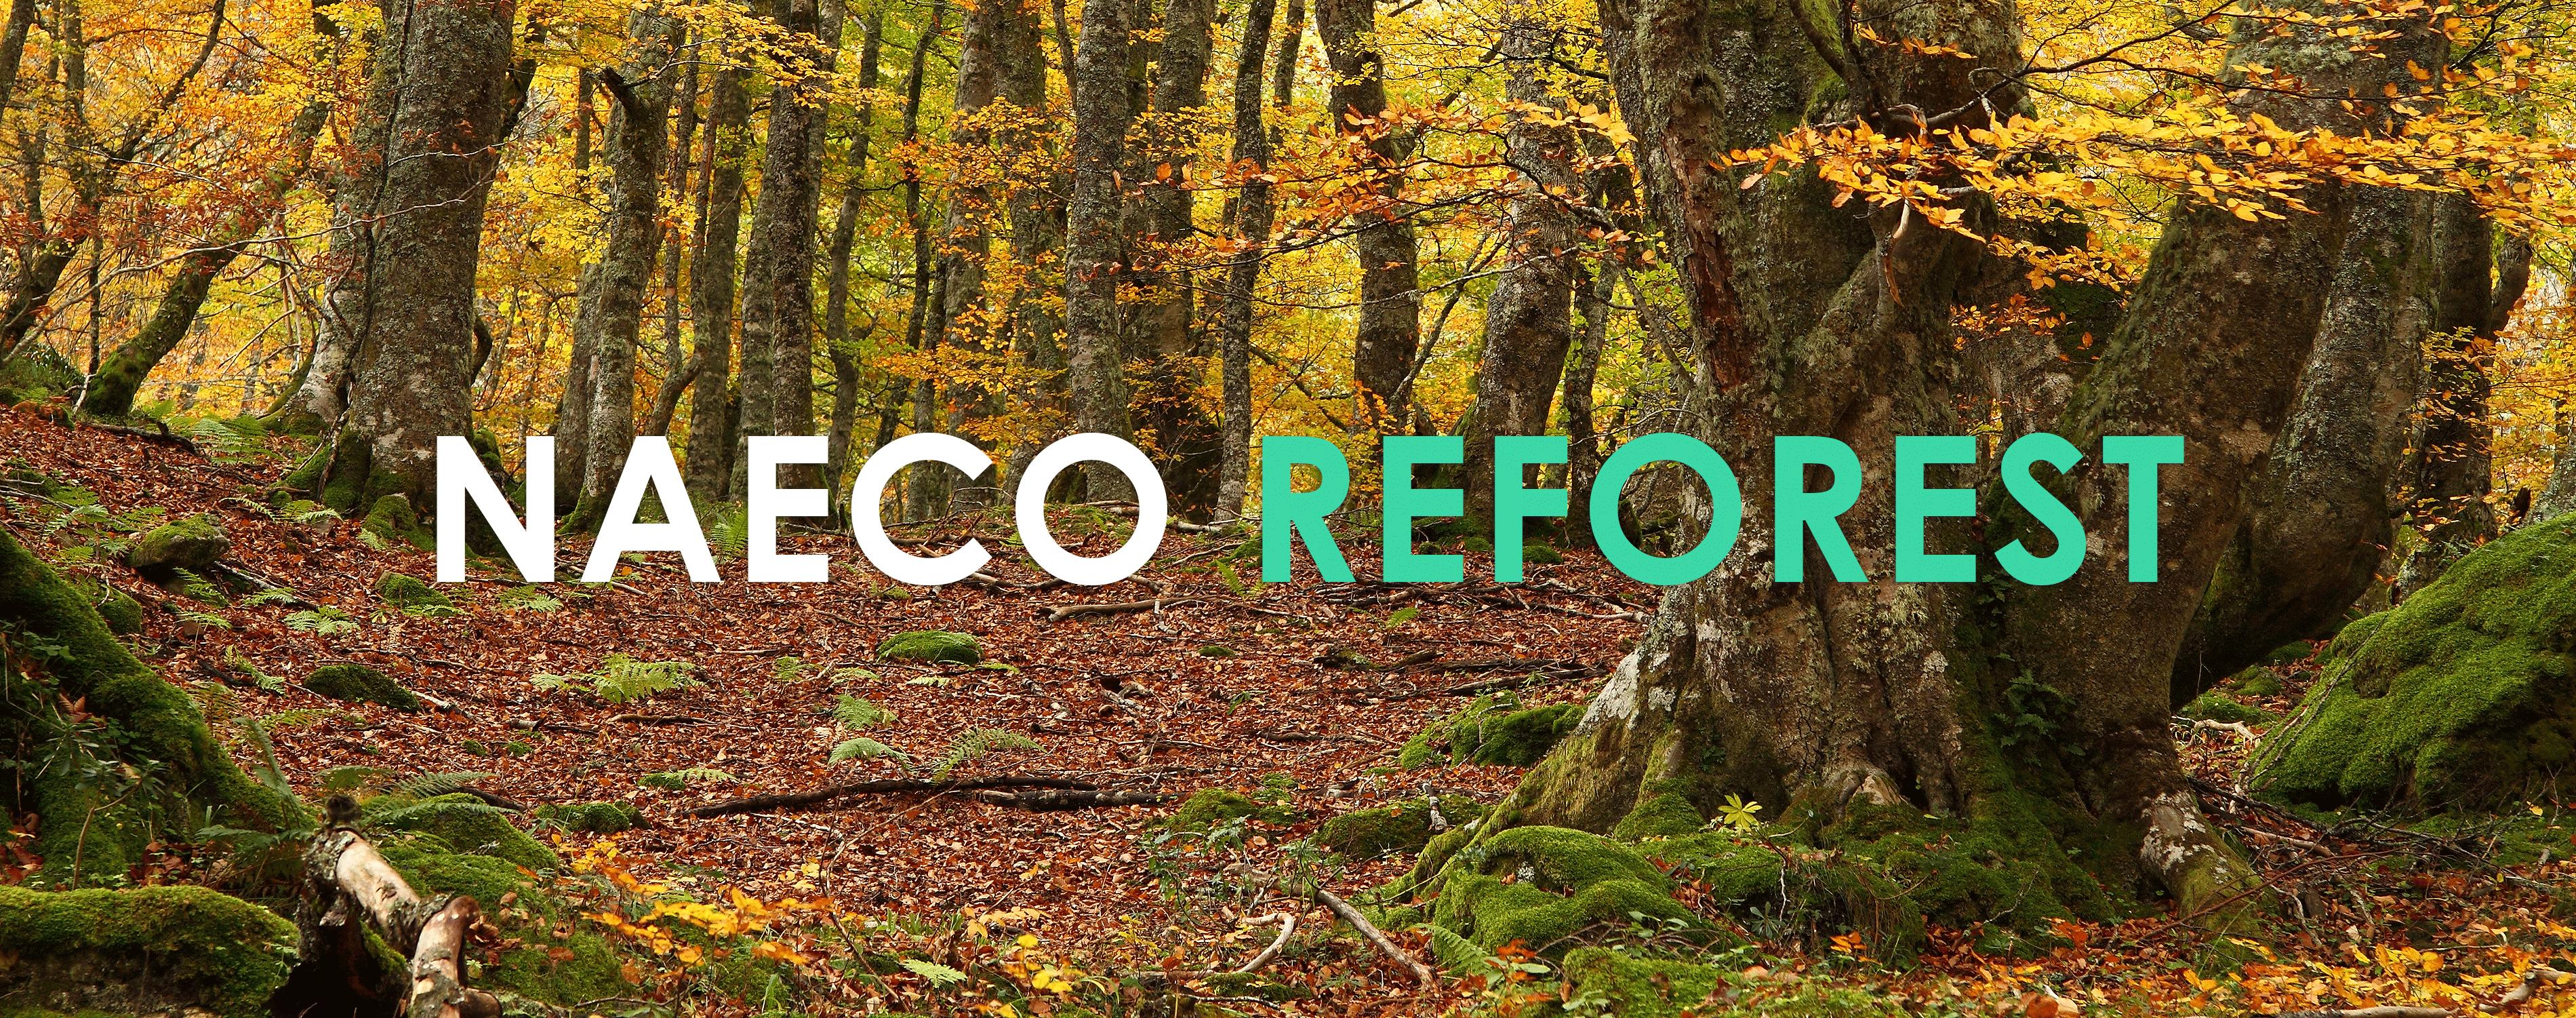 """Naeco lance son projet """"Naeco Reforest"""" pour contribuer à réduire les émissions de CO2 en plantant des forêts."""